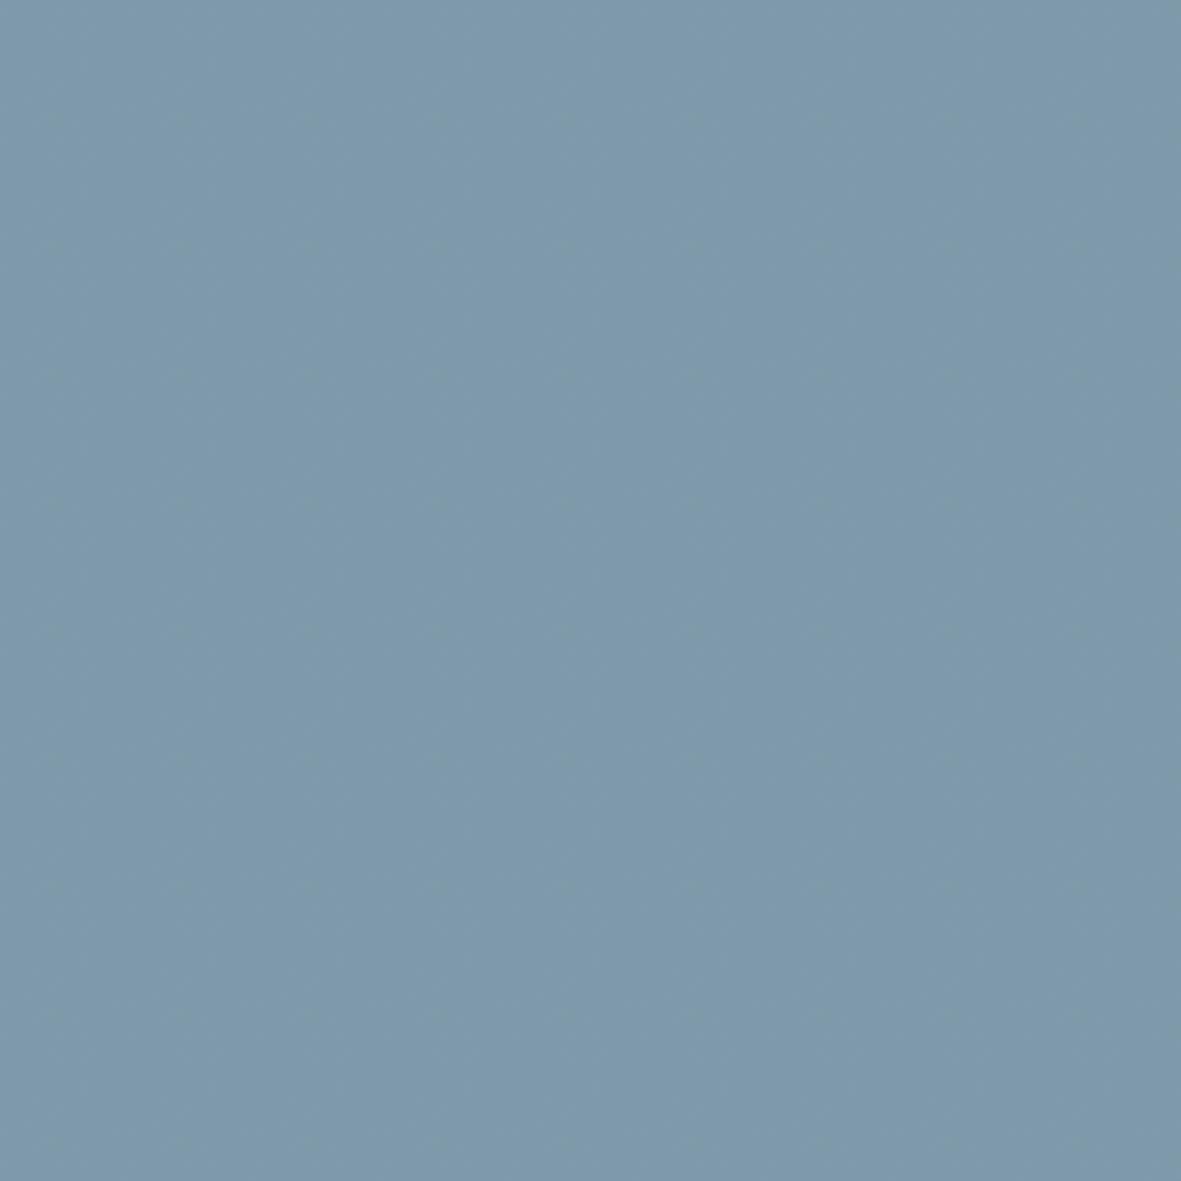 40 Grey blue EZ AZZURRO